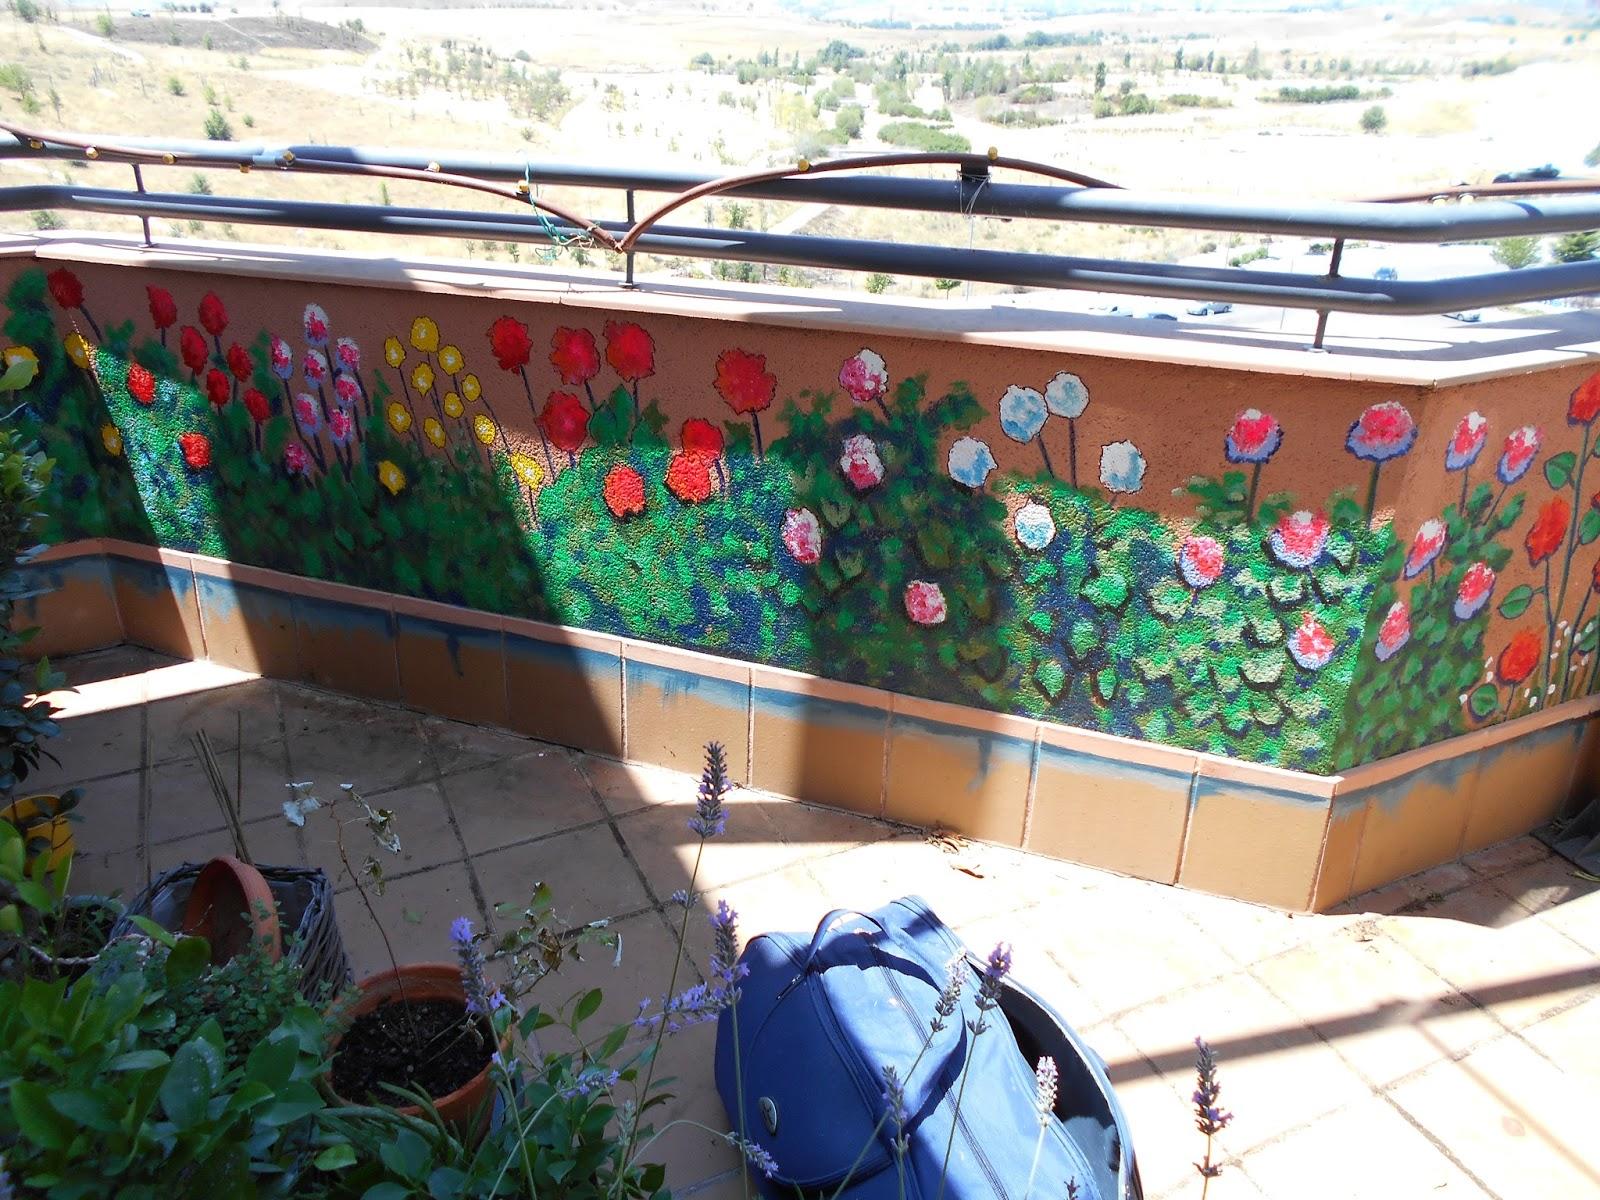 109 pintura mural en terraza dibujando arte for Pintar murales en paredes exteriores